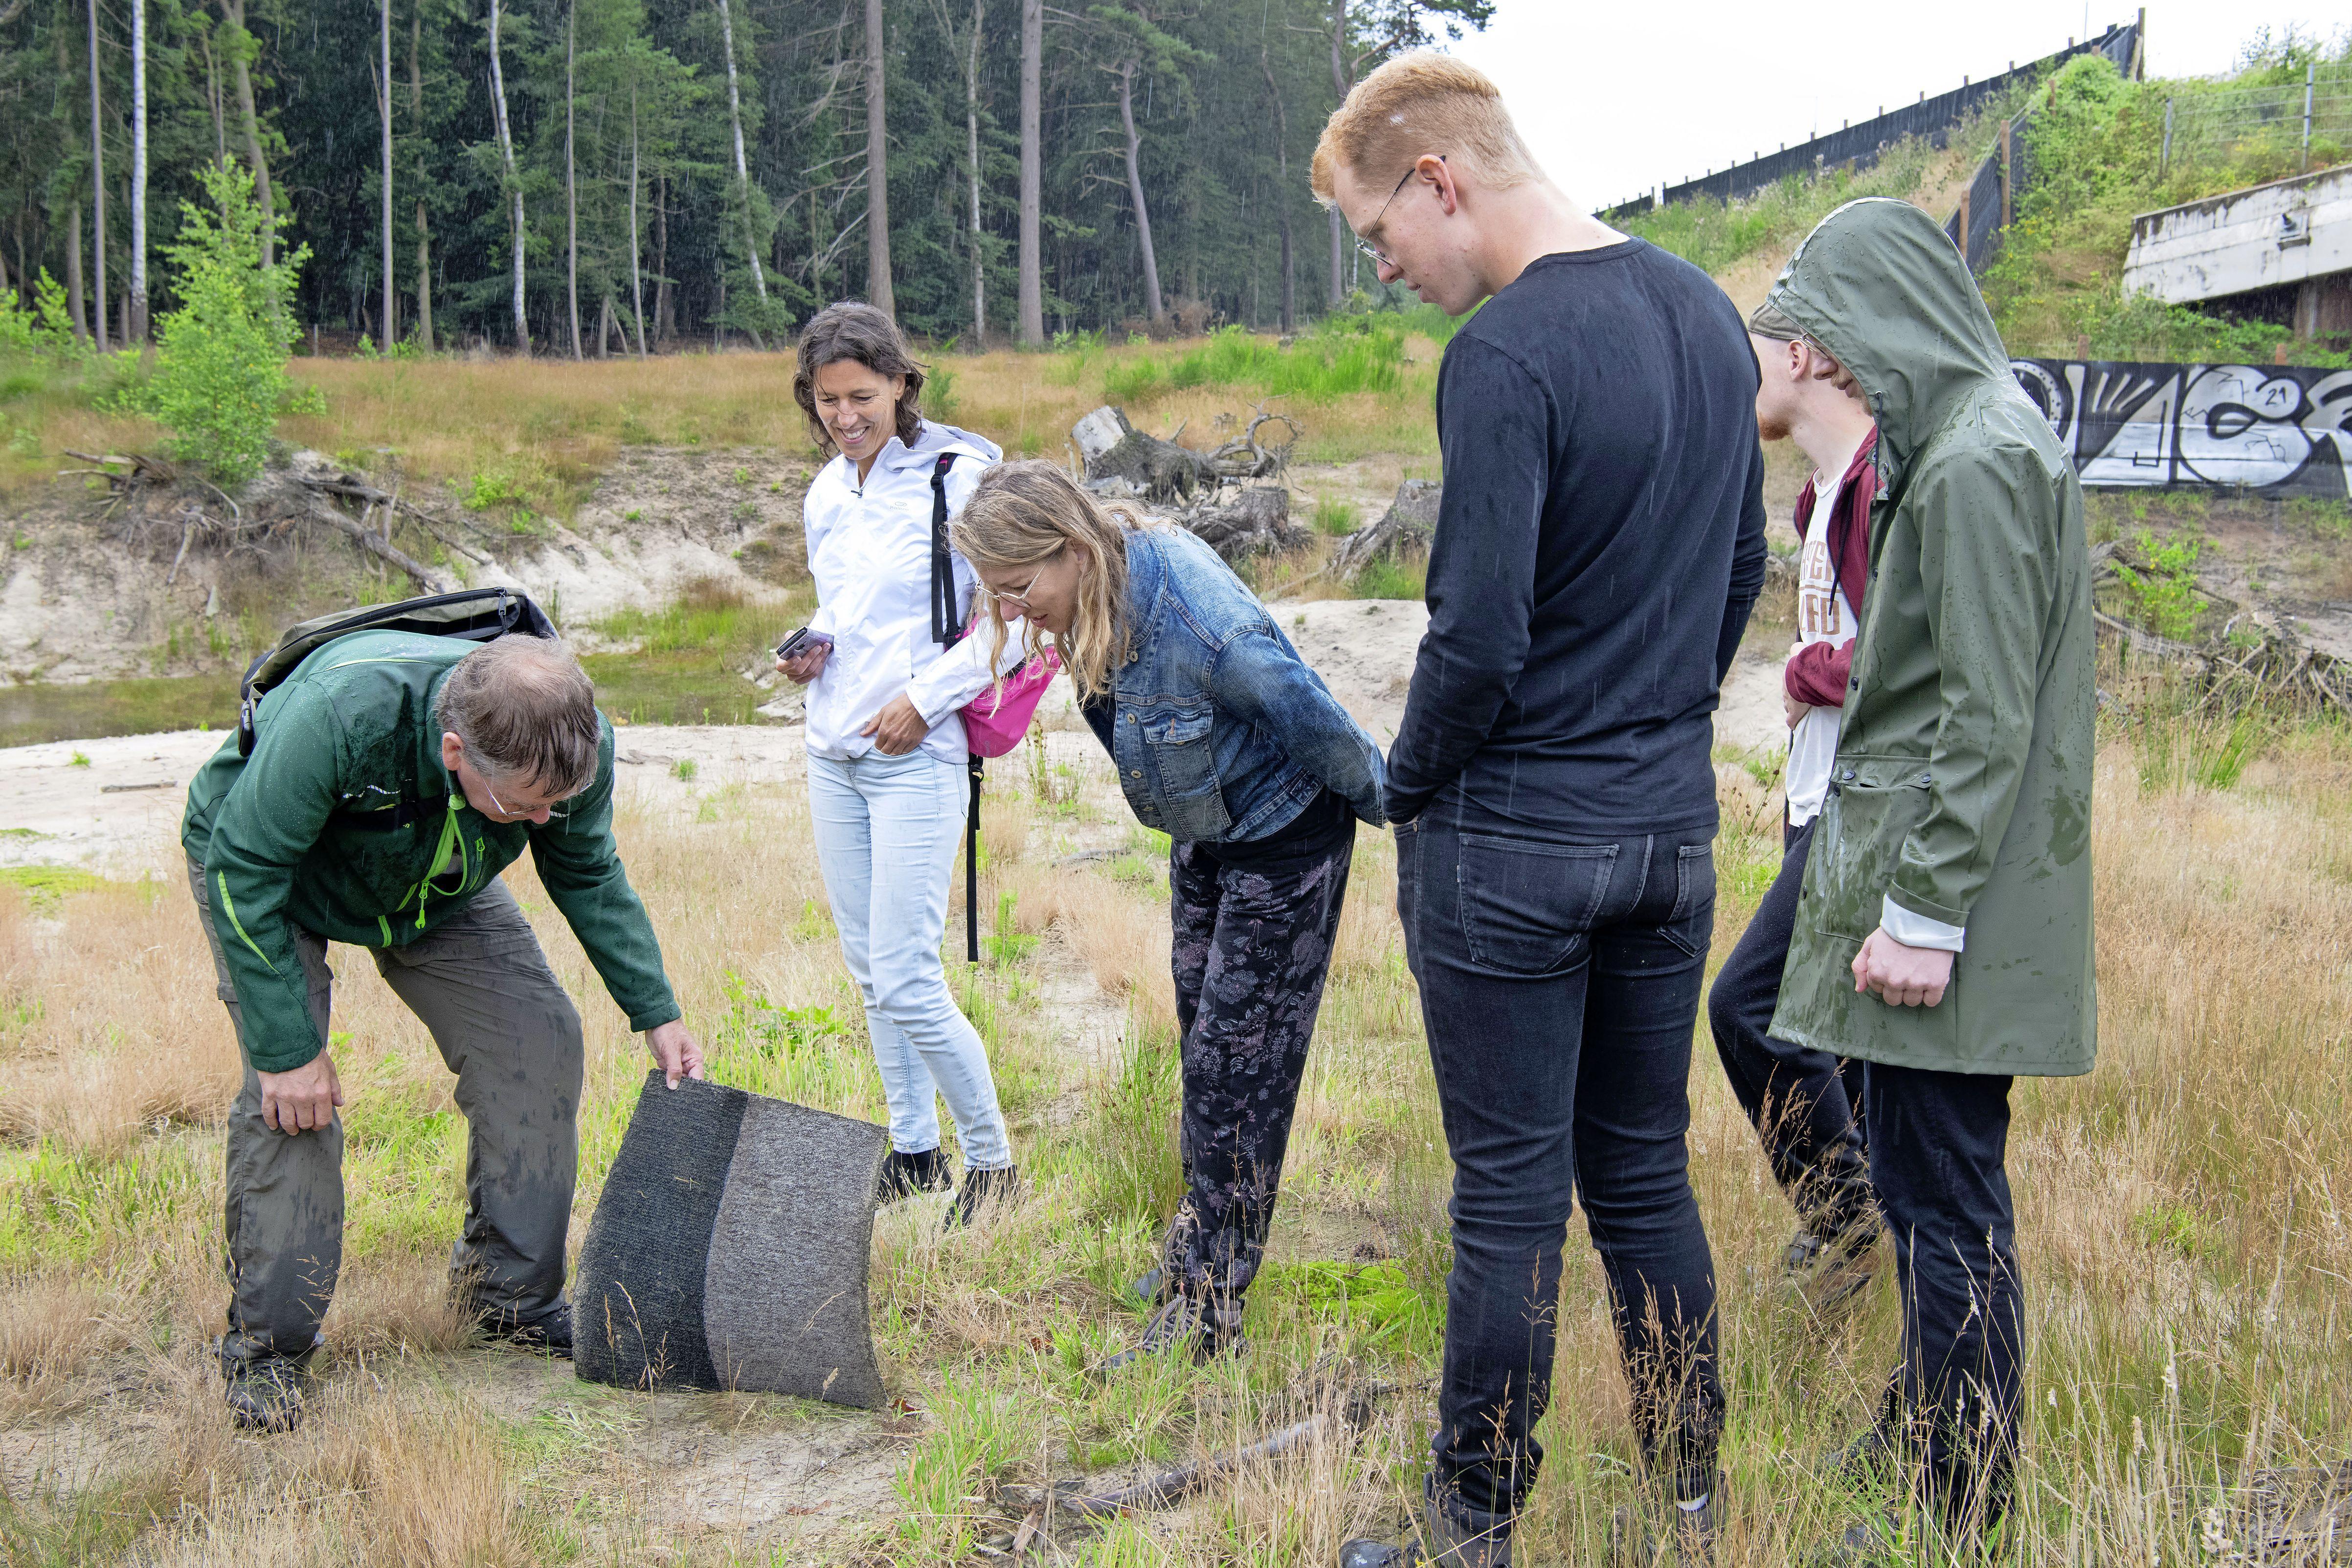 We gaan naar de faunatunnel Monnikenberg: Hilversumse ingrepen in de natuur om die natuur juist zijn gang te kunnen laten gaan